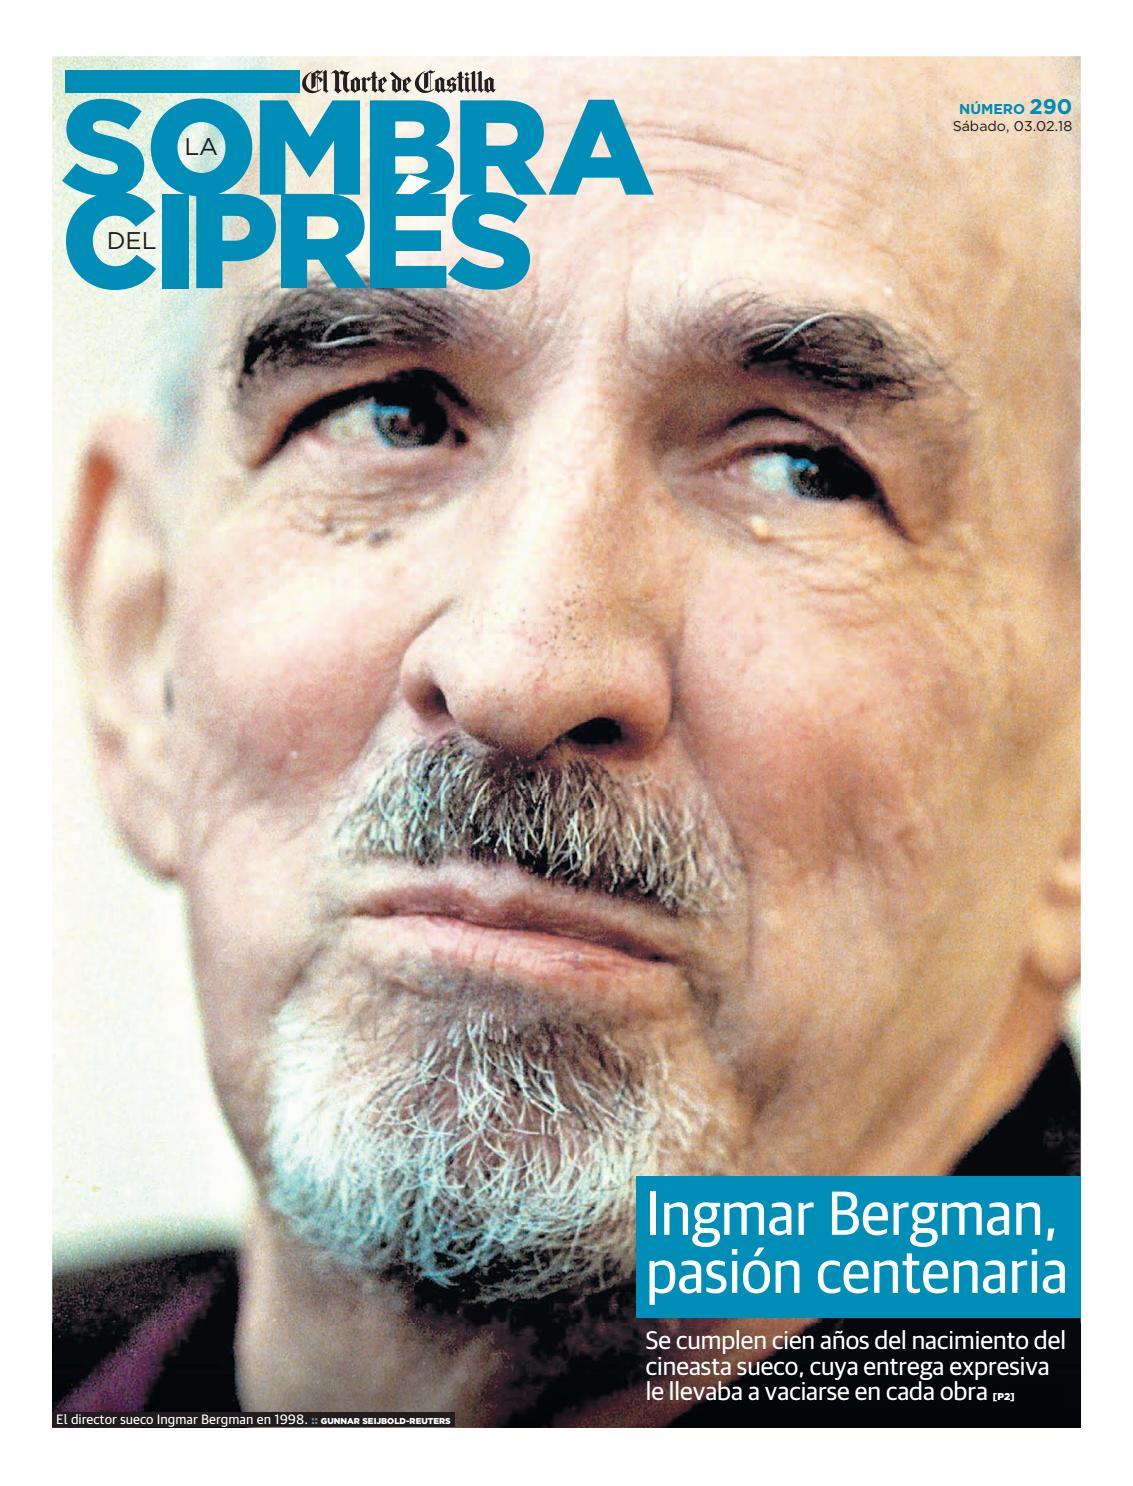 Ingmar Bergman, pasión centenaria by El Norte de Castilla - issuu